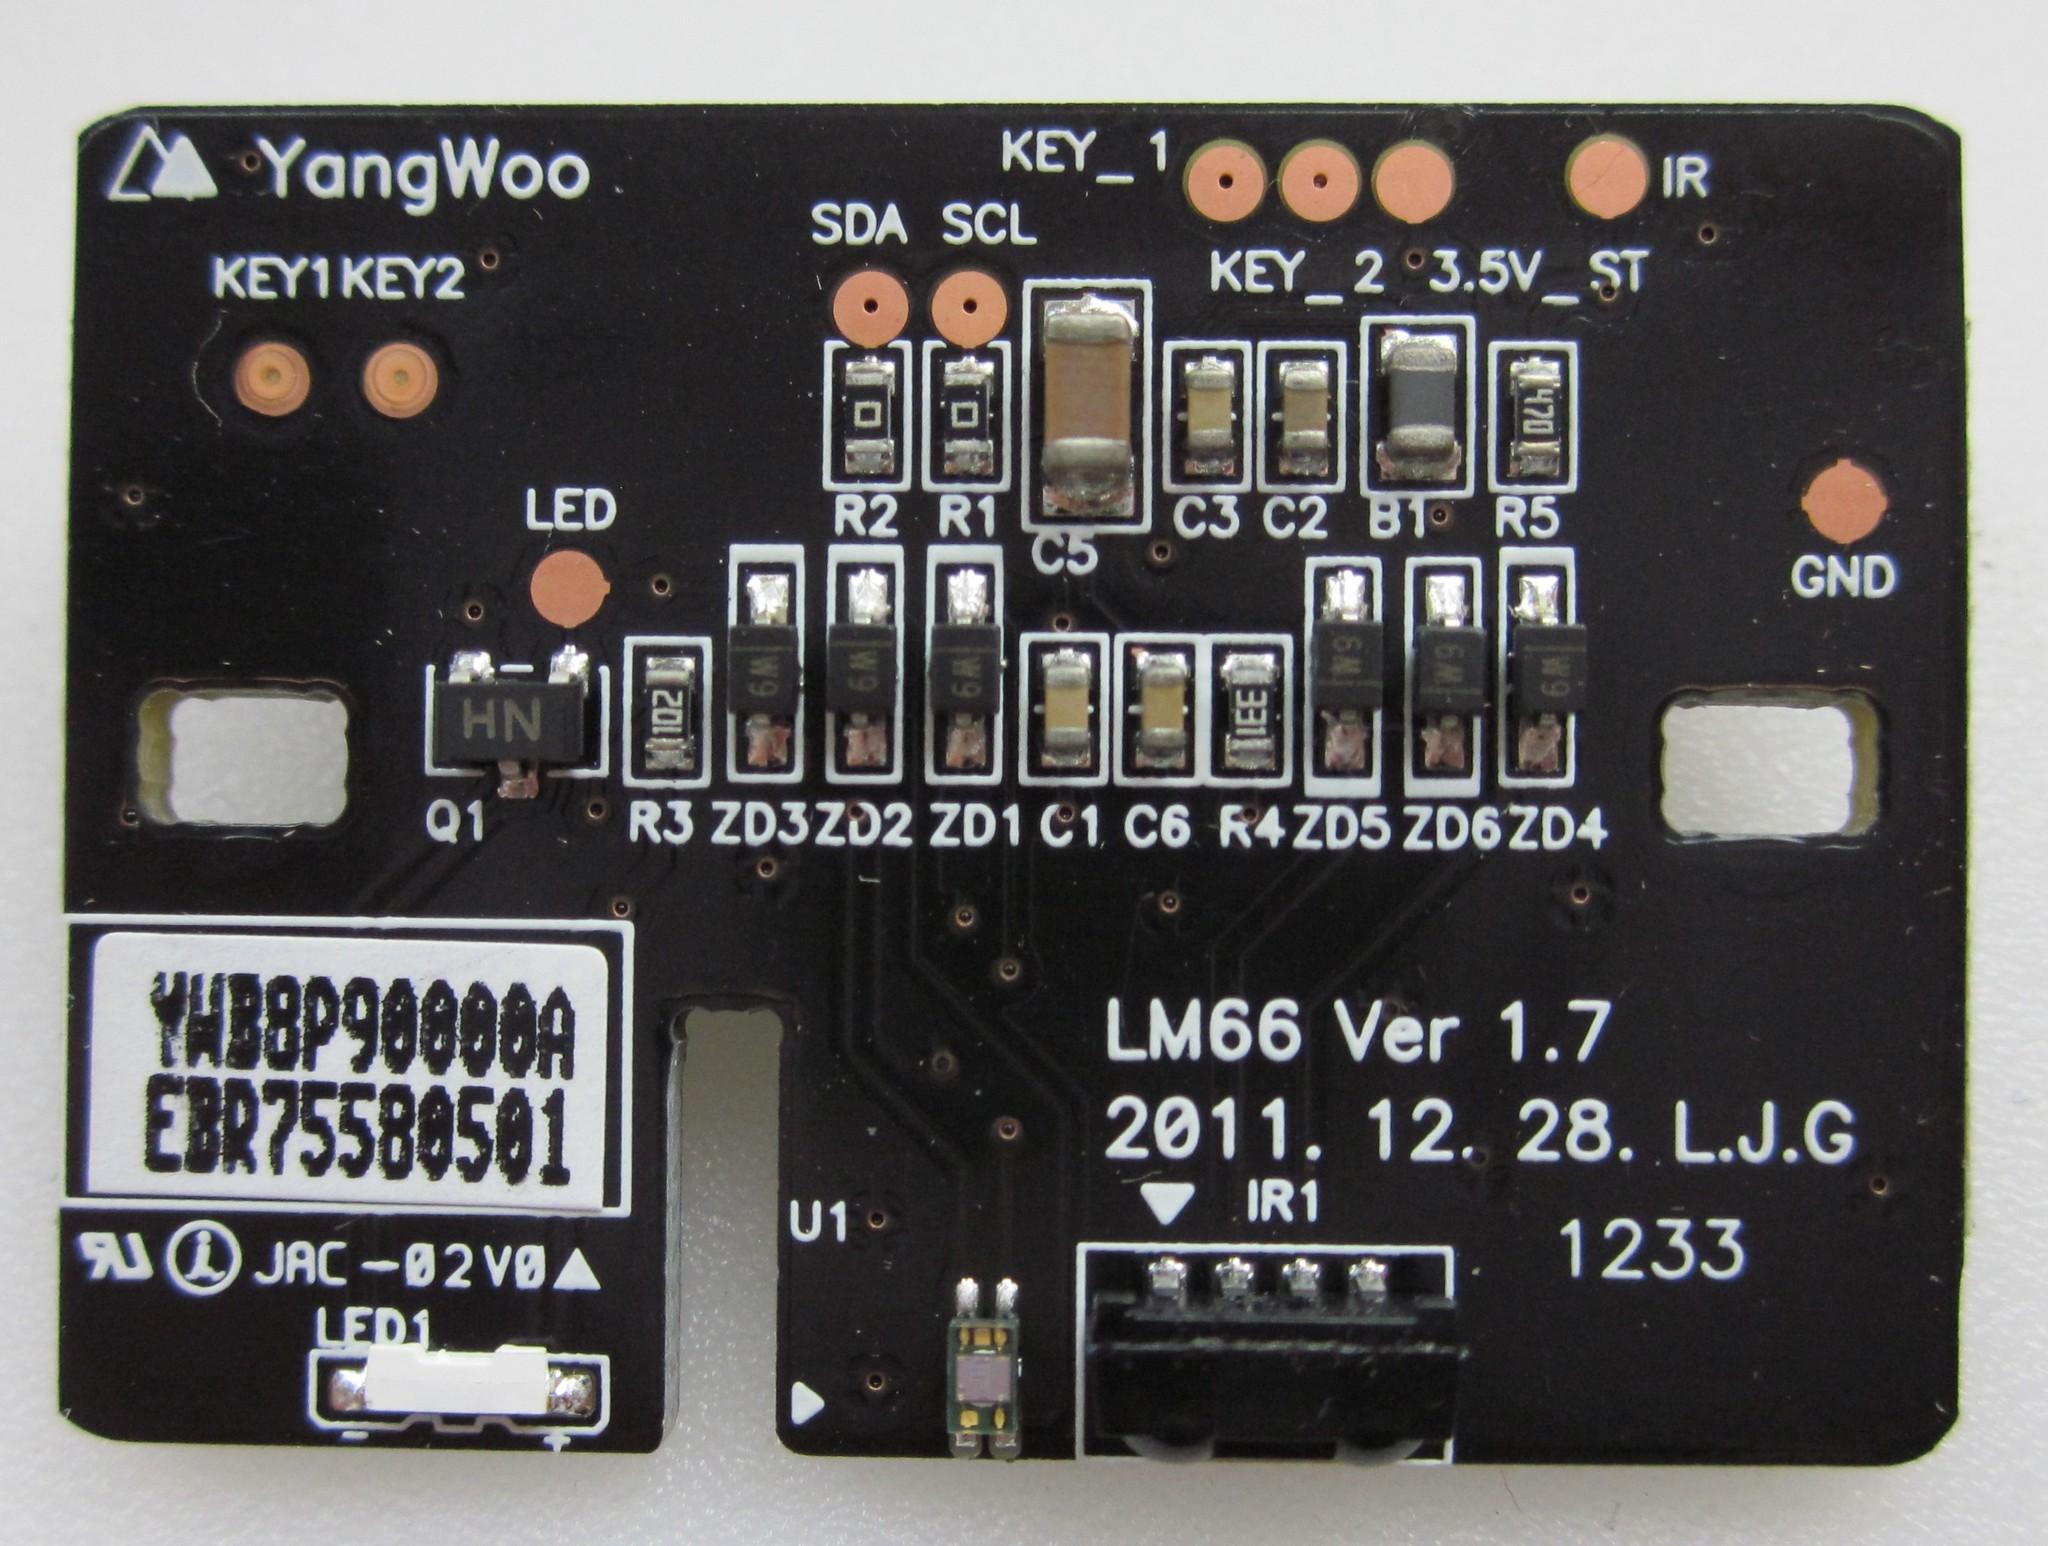 LM66 Ver 1.7 EBR75580501